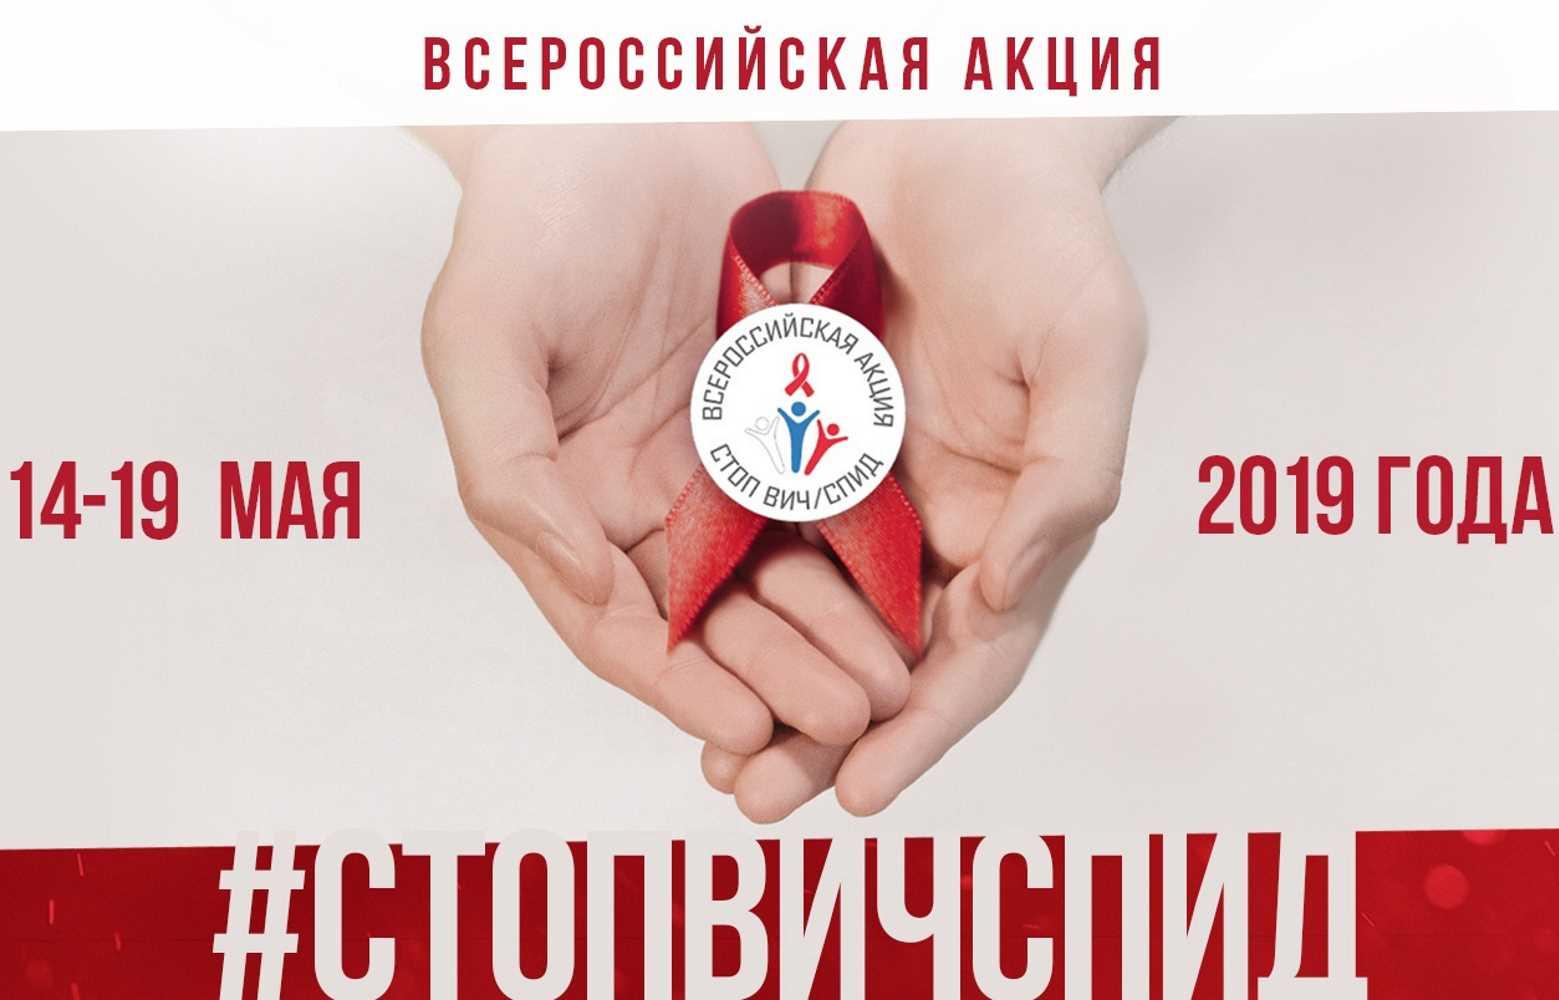 rossijskim-shkolnikam-rasskazhut-o-vich-i-spide-v-ramkah-vserossijskoj-aktsii